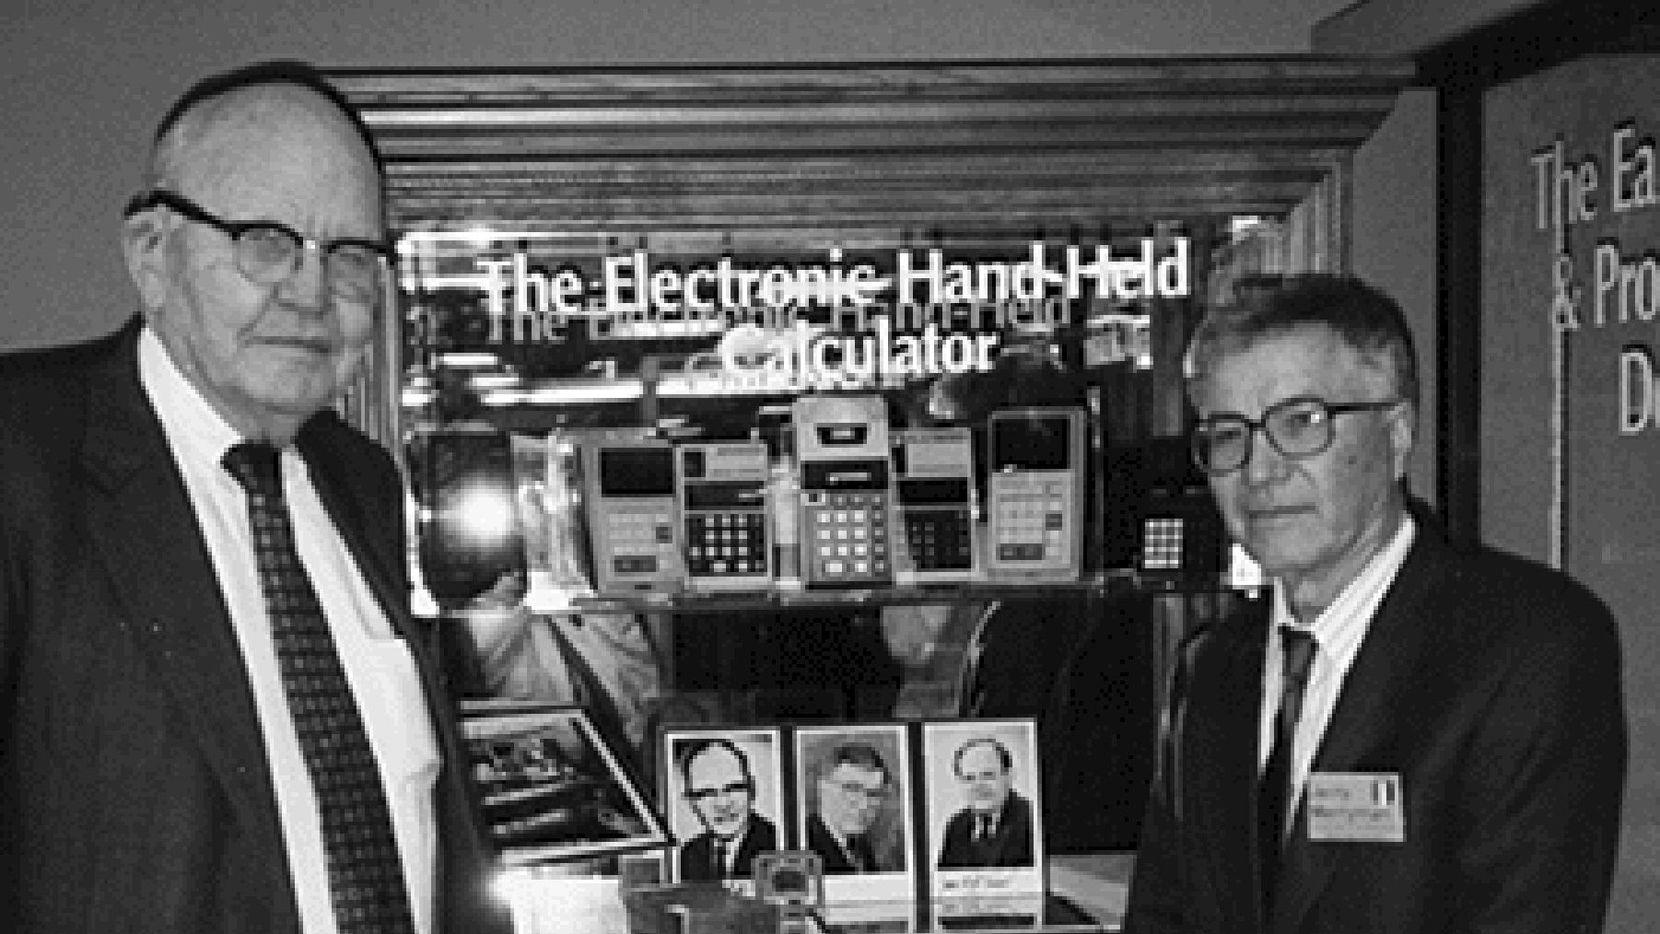 Jack Kilby y Jerry Merryman, co inventores de la calculadora portatil en una fotografía tomda en 1997 en Texas Instruments. (AP/Phyllis Merryman)